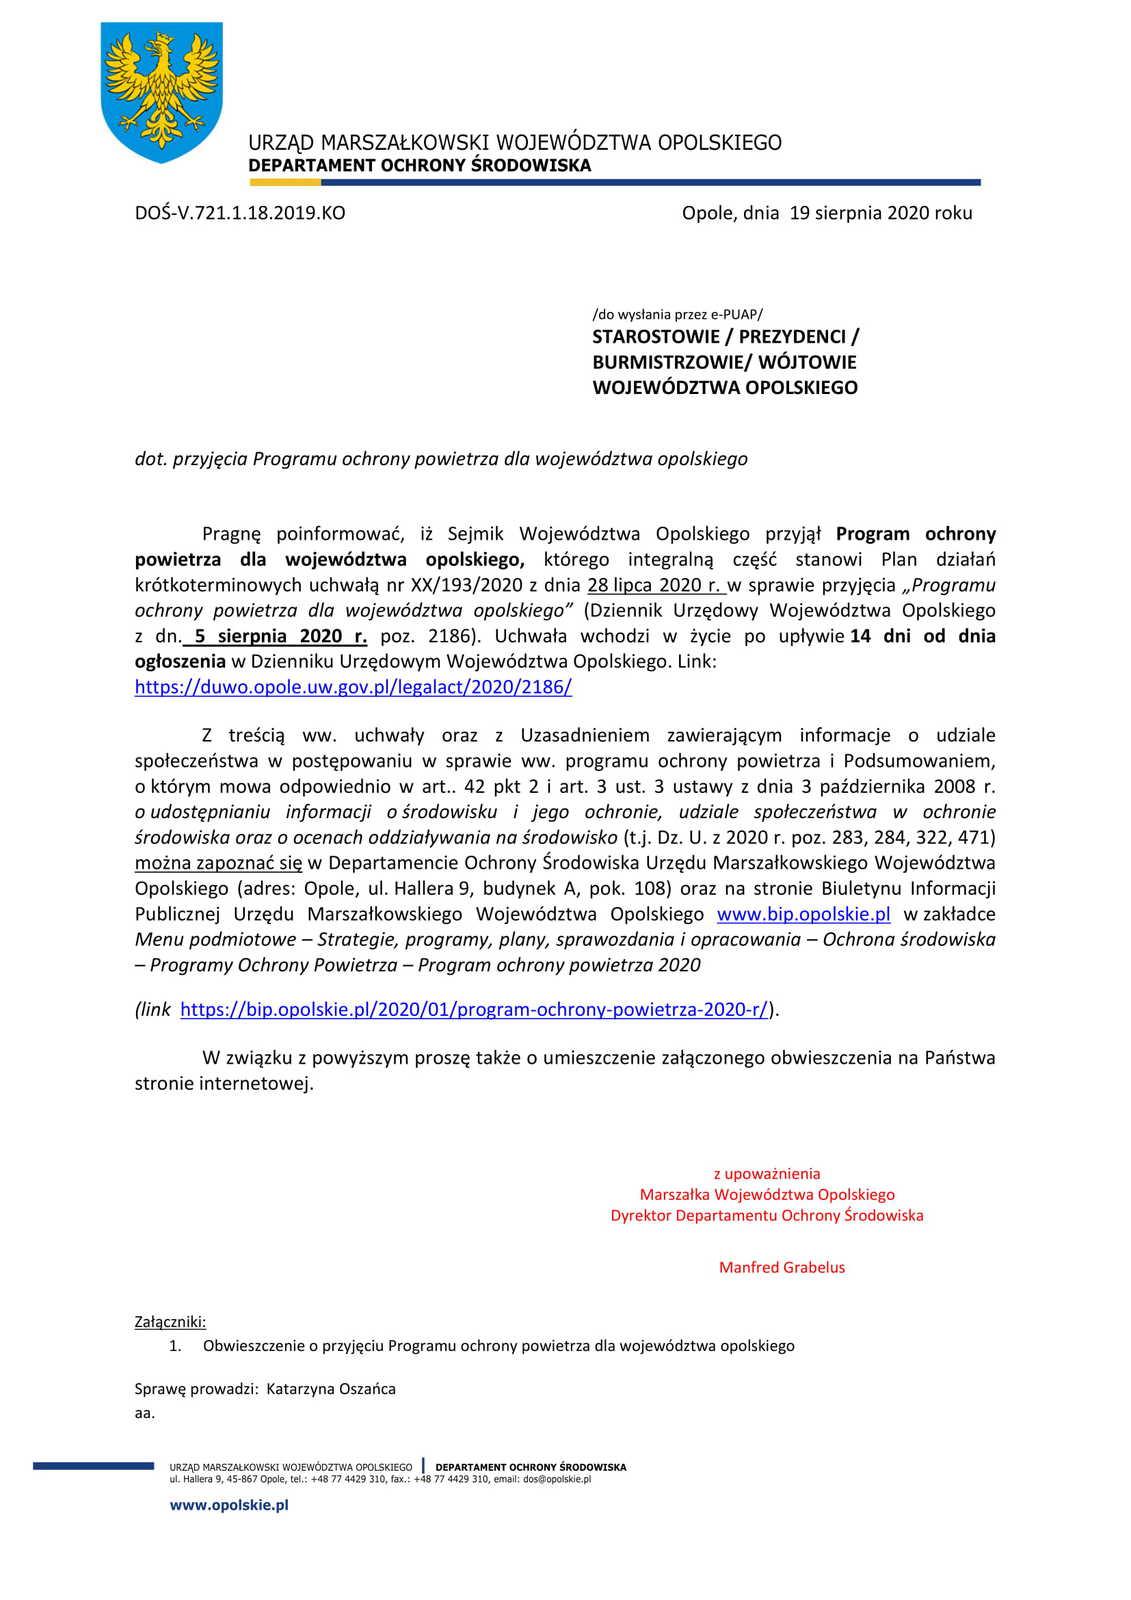 Pismo do JST w sprawie przyjęcia POP-1.jpeg